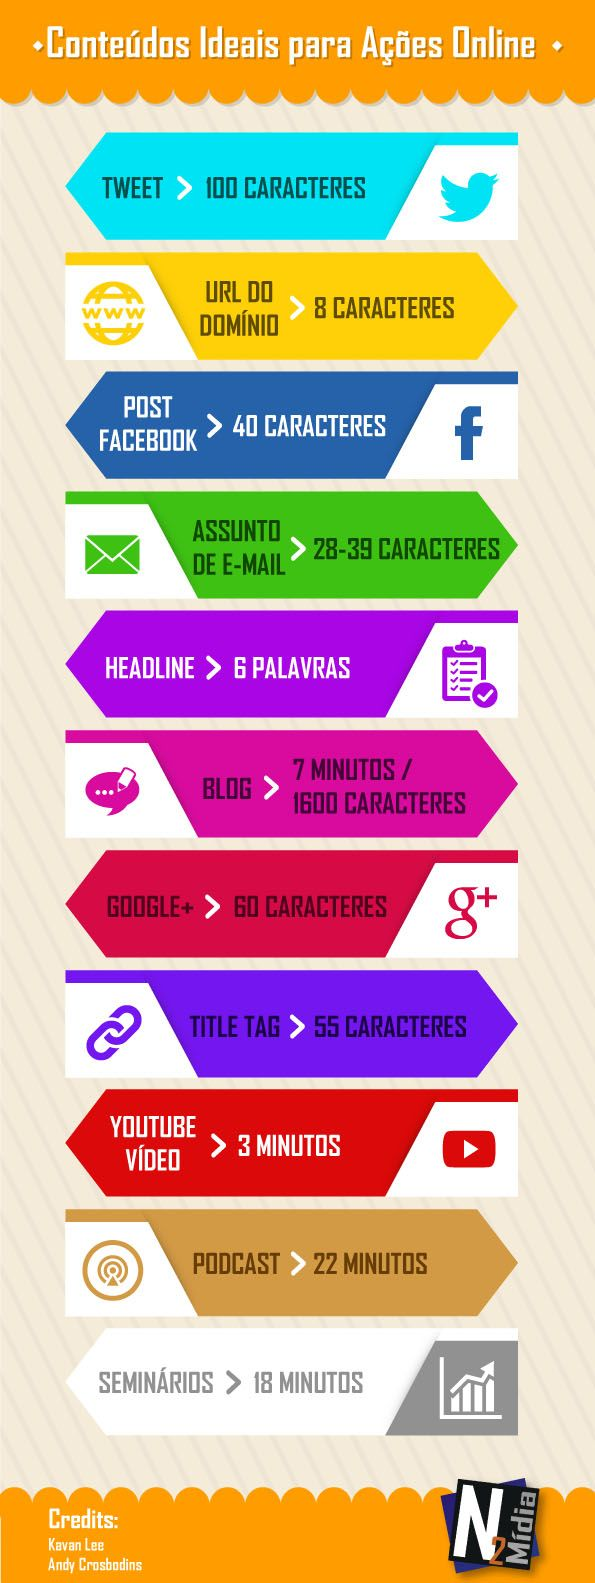 Conteúdos Ideais para Ações Online Desenvolvemos este infográfico com o objetivo de fazer com que a sua publicação seja sempre um sucesso. Nele sugerimos qual a melhor forma de divulgar o seu produto ou serviço, passar a sua mensagem e ainda deixar o público alvo interessado por tempo suficiente para ler o conteúdo e, conseqüentemente, não mudar de página ou rolar o post.